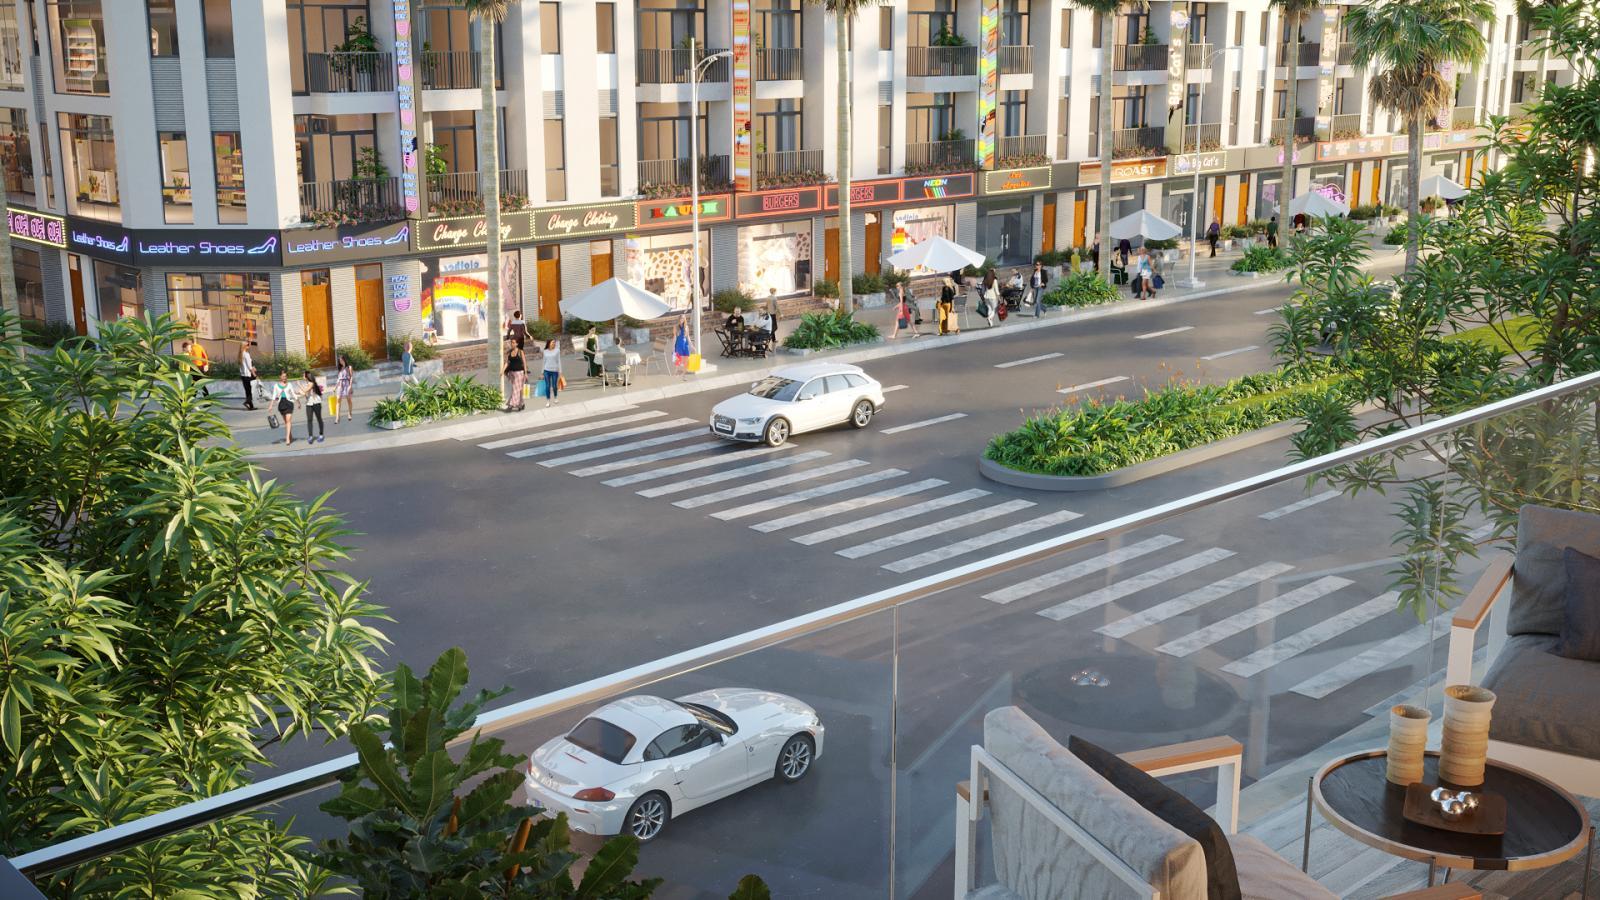 Mãnh lực mới cho thị trường bất động sản Thái Nguyên năm 2021 - Trần Anh Việt Nam